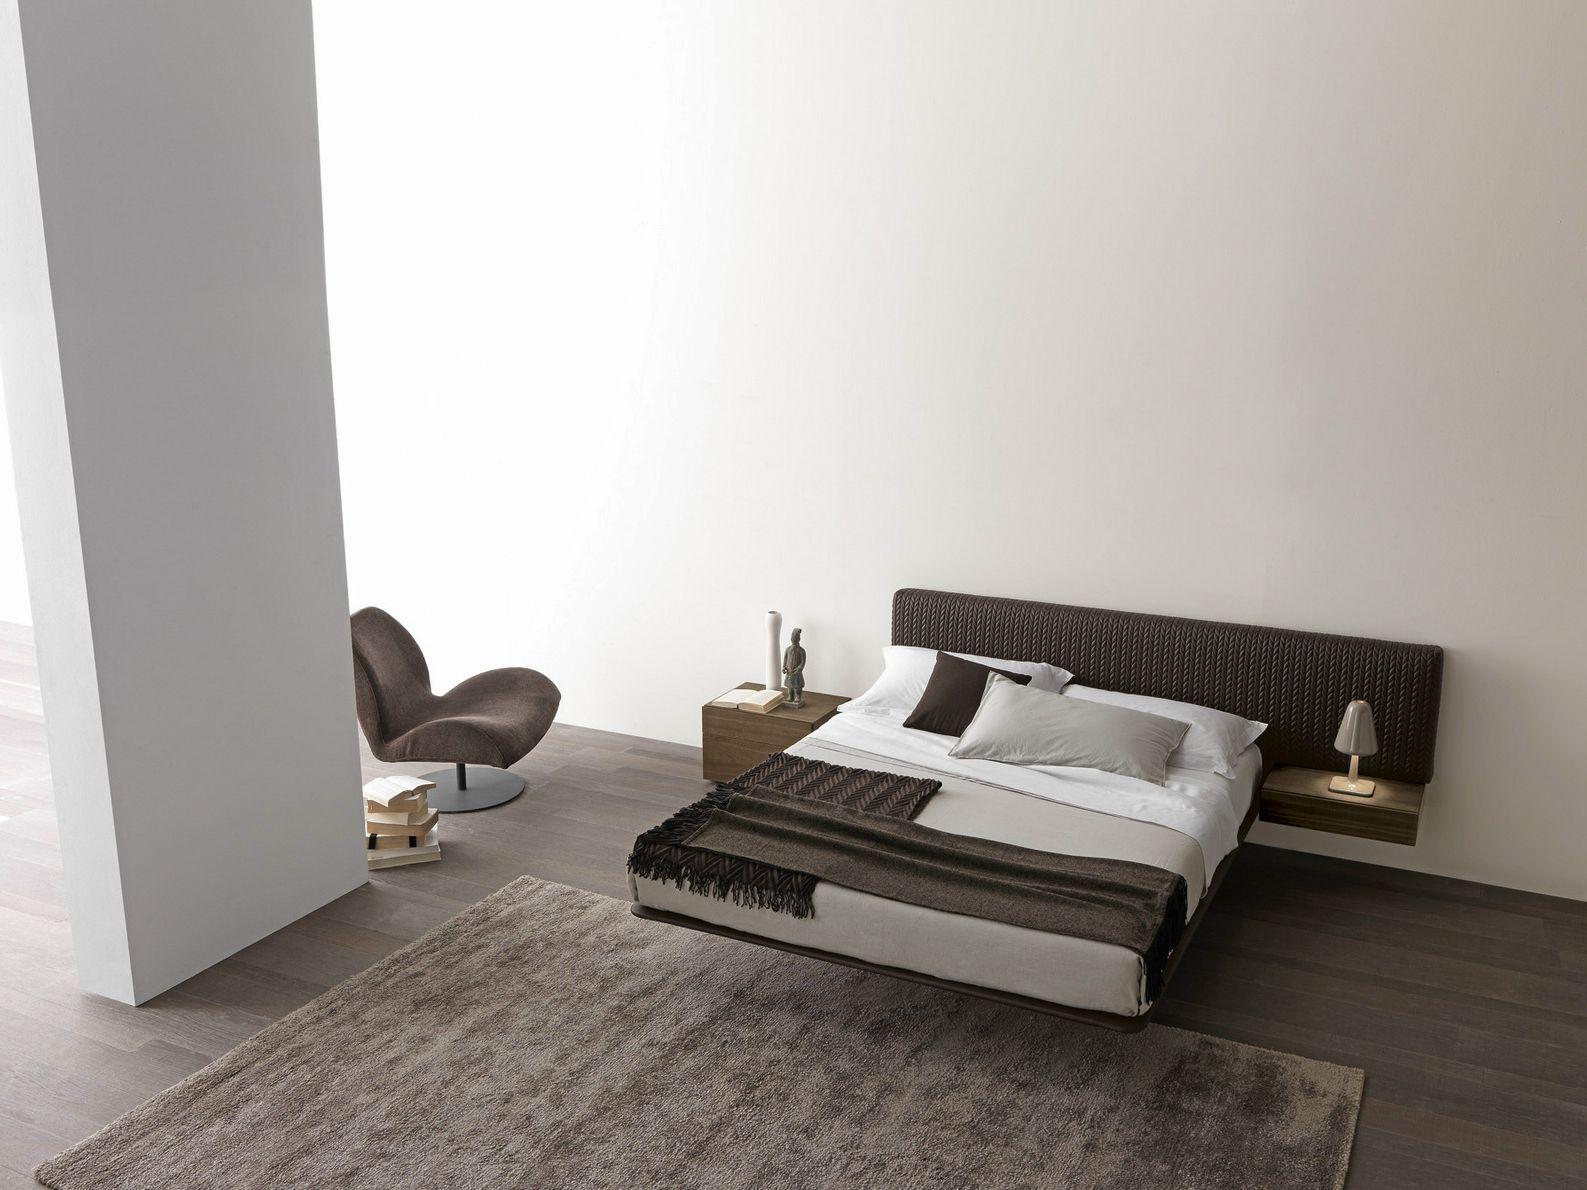 Wing system letto matrimoniale by presotto industrie - Testiera letto design ...